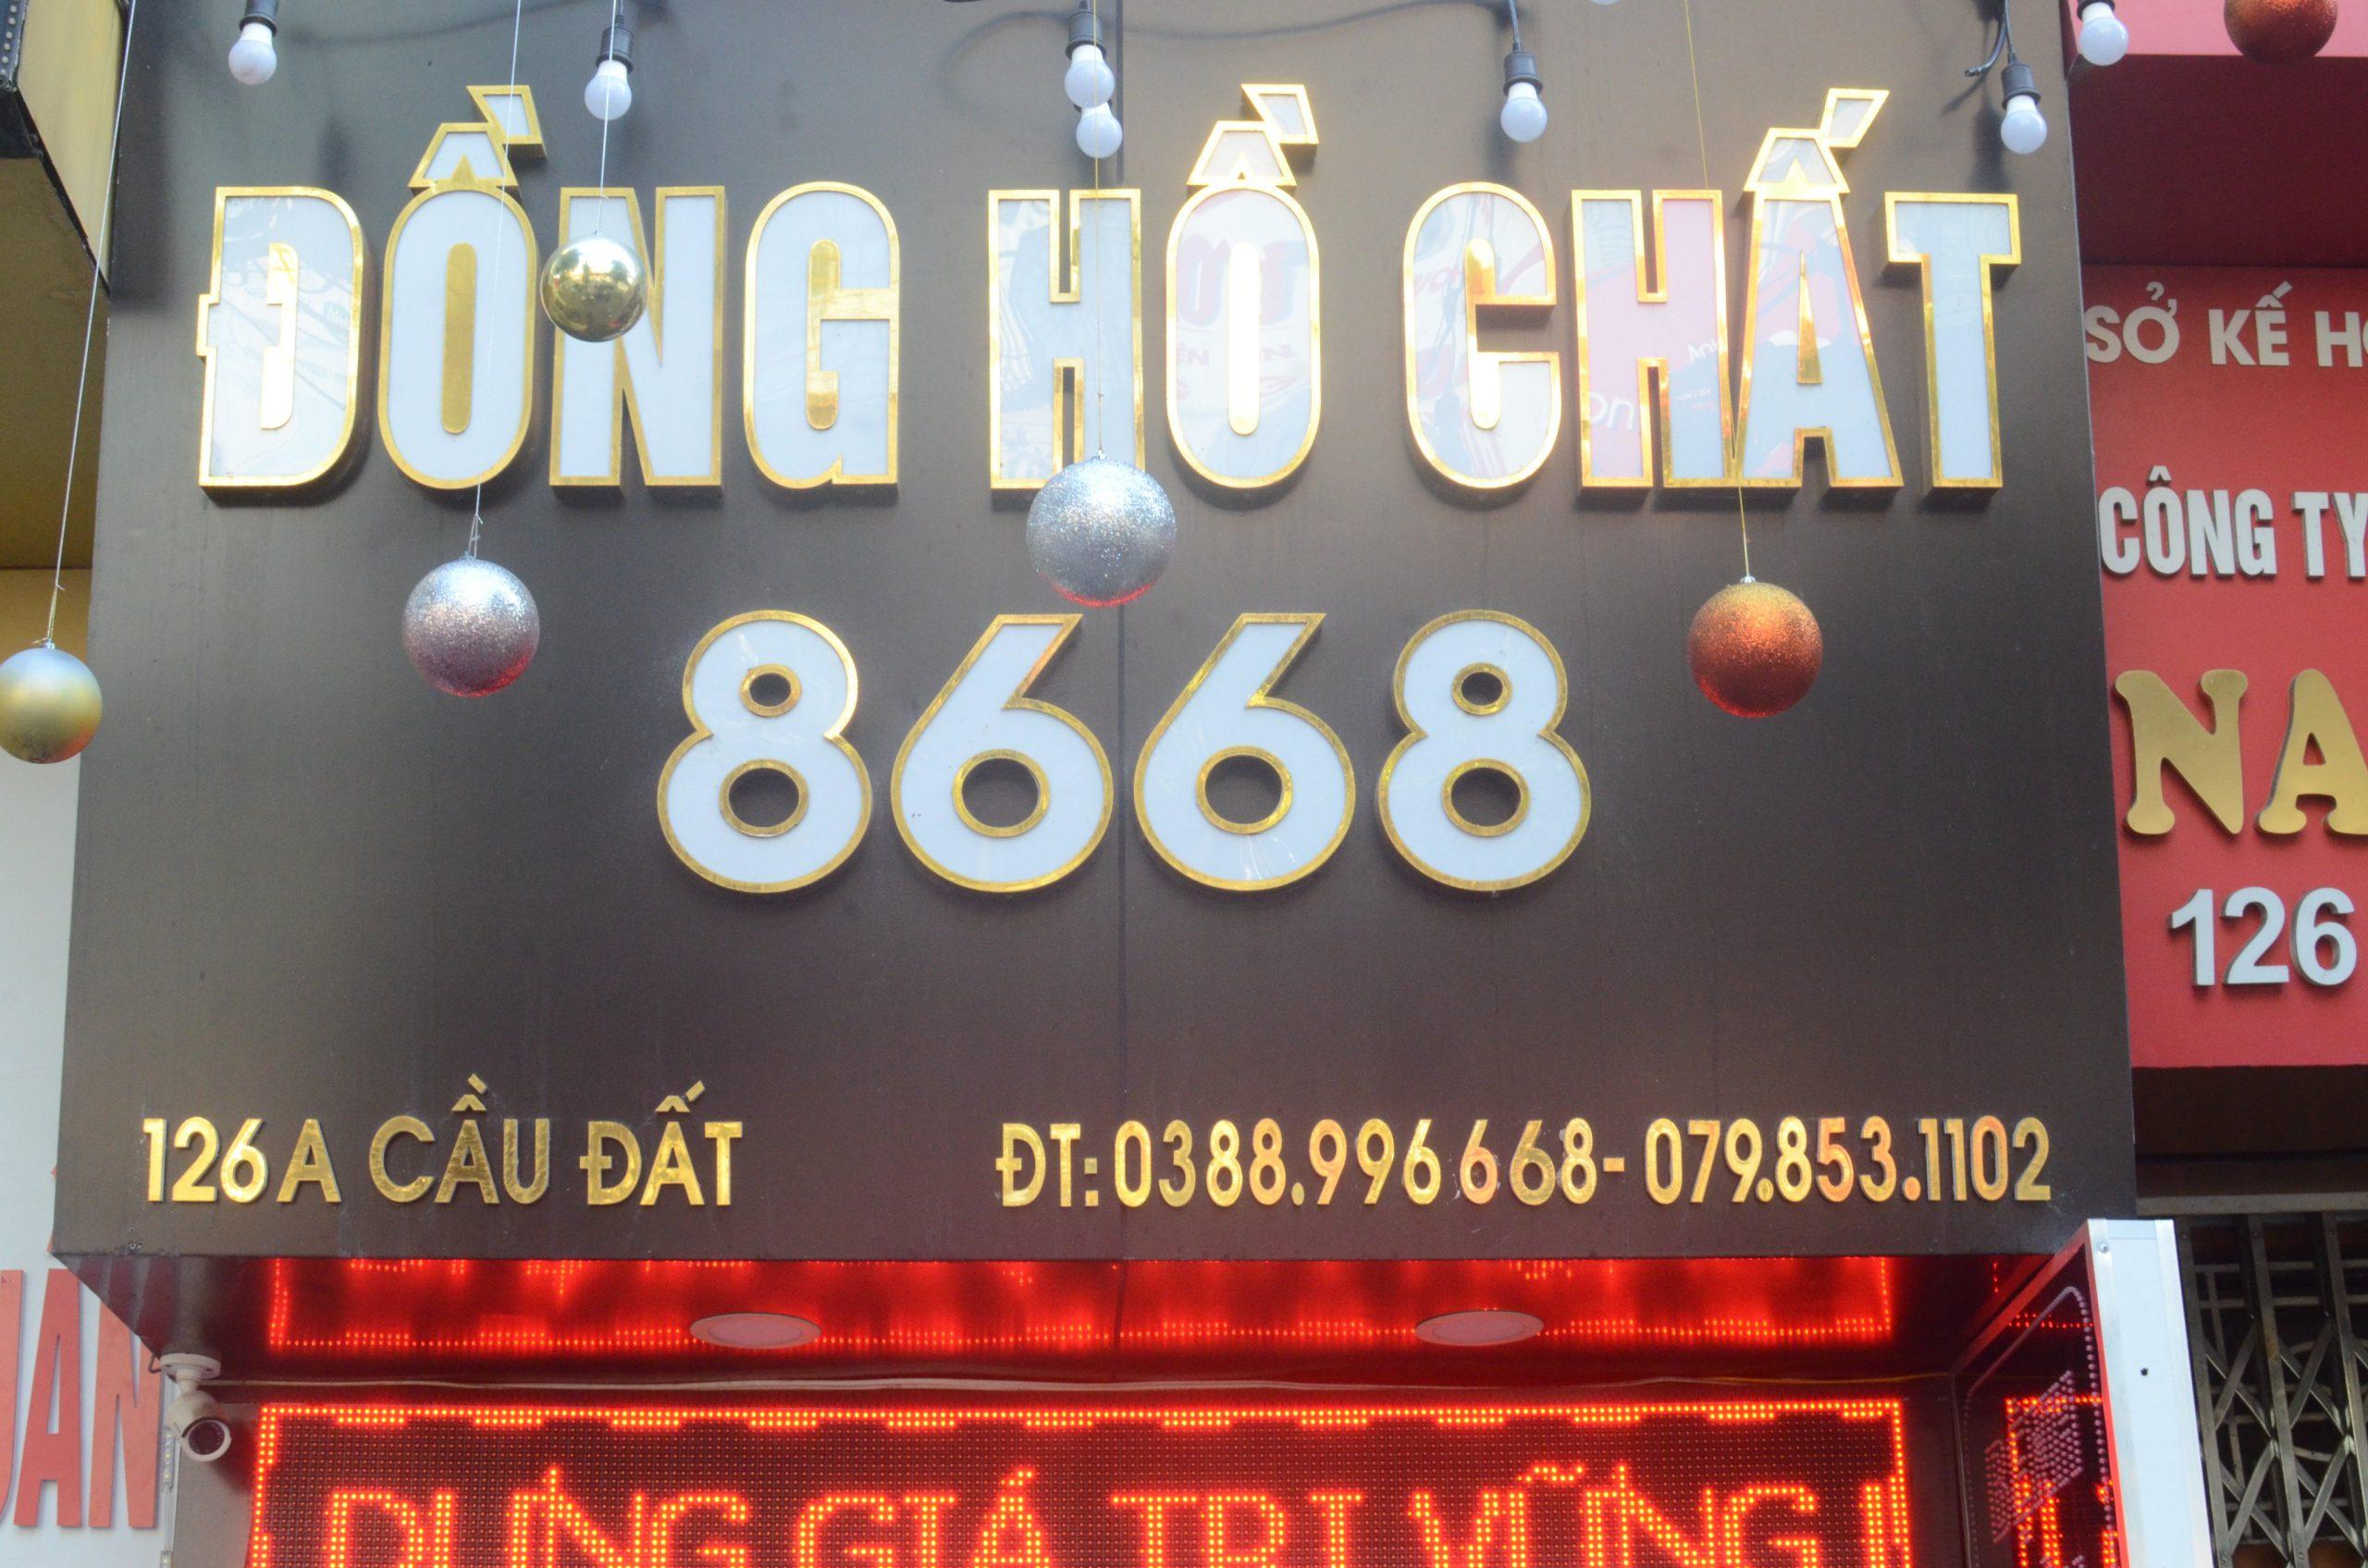 Đồng Hồ Chất 8668 - Cửa Hàng Đồng Hồ Replica